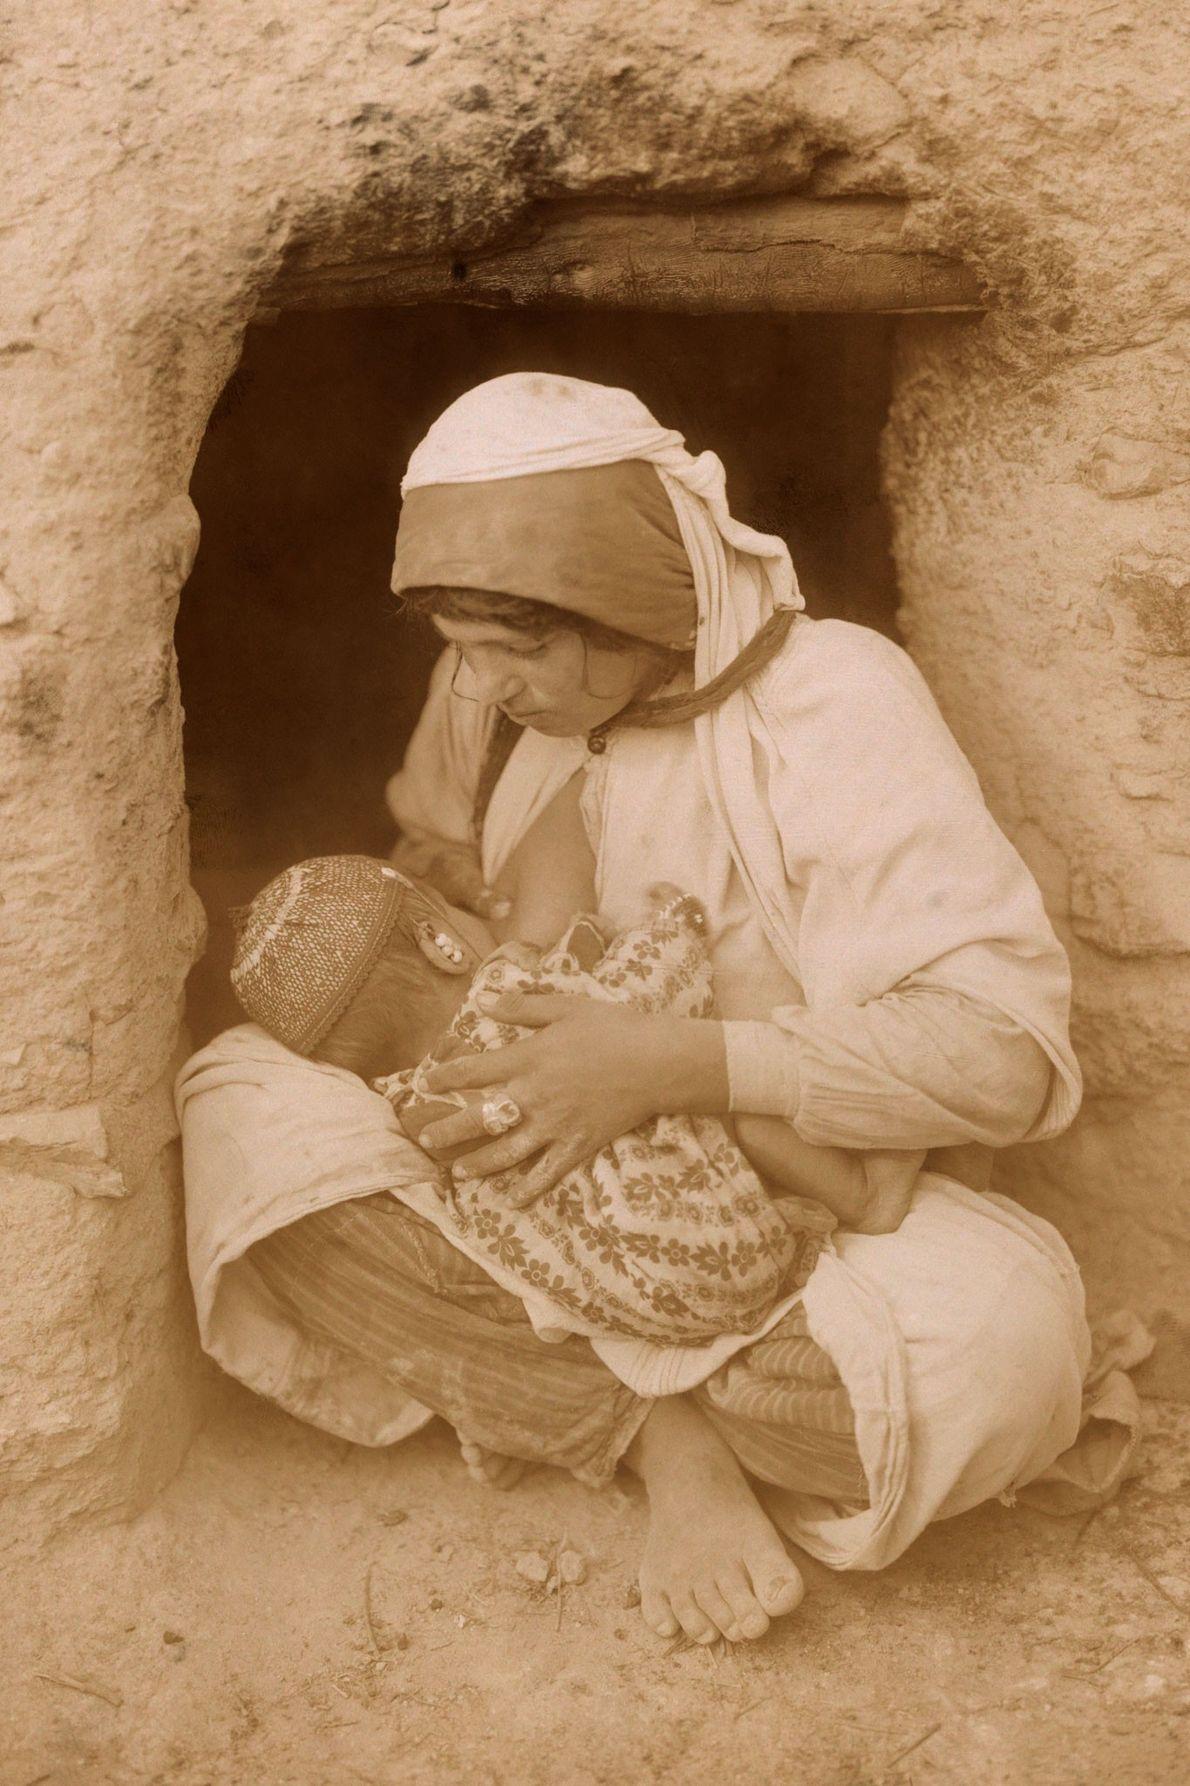 Uma mãe do Oriente Médio amamenta seu bebê sentada do lado de fora de sua casa.